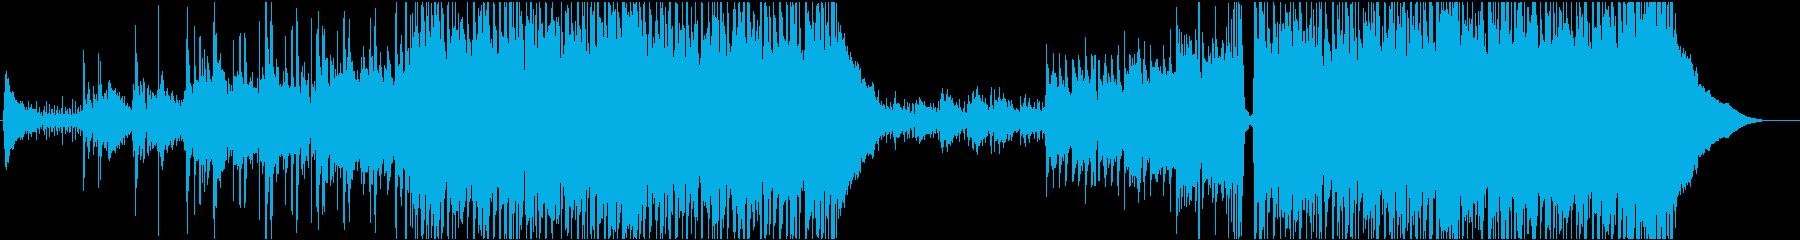 ポップロックでハッピーな曲の再生済みの波形